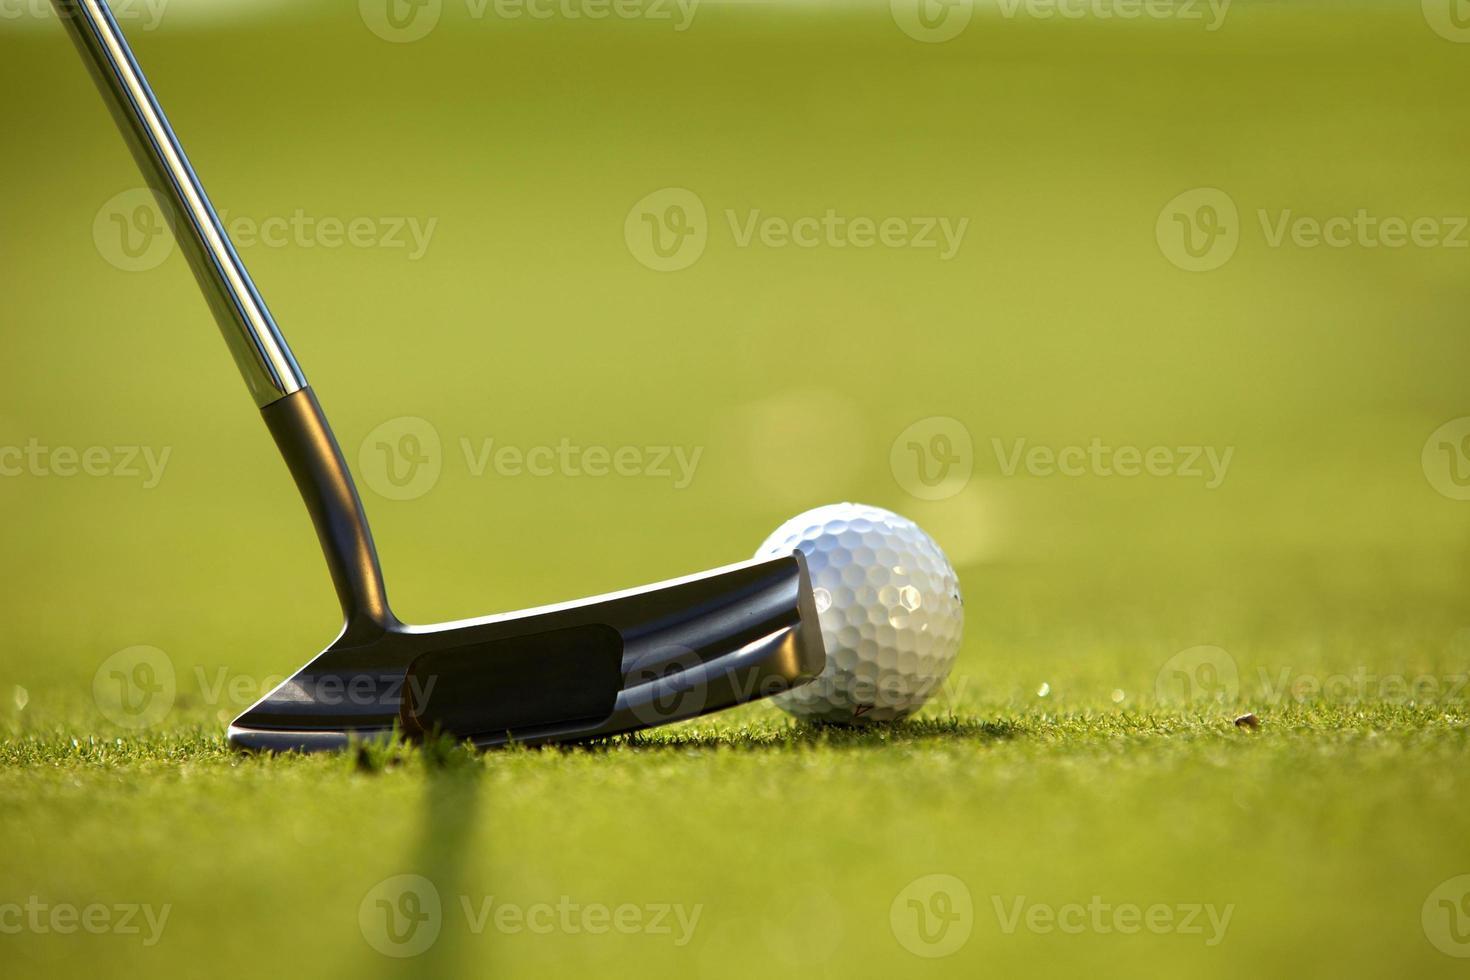 club de golf en un campo de golf foto